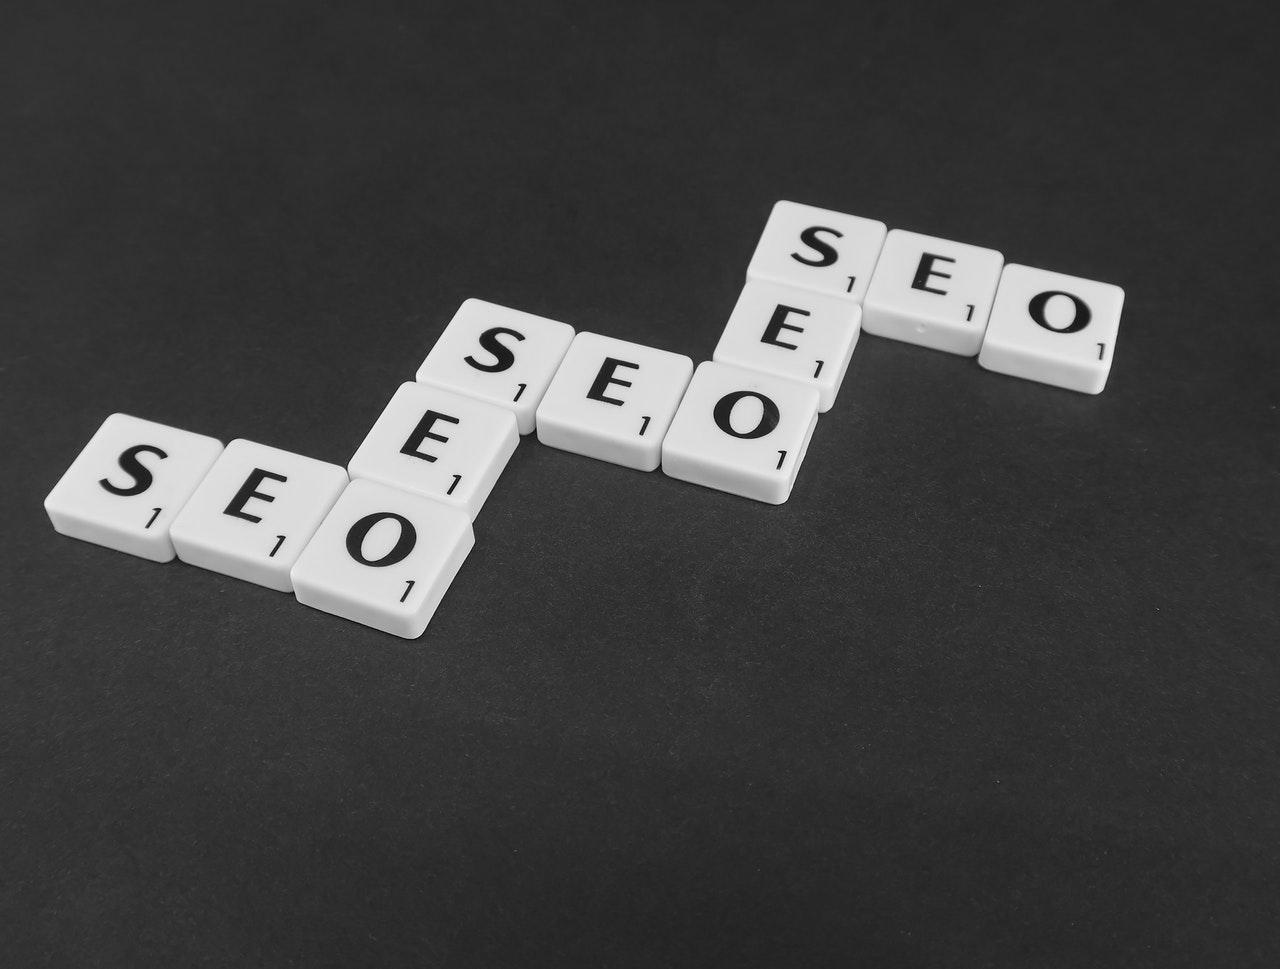 Search engine optimization written in scrabble letters